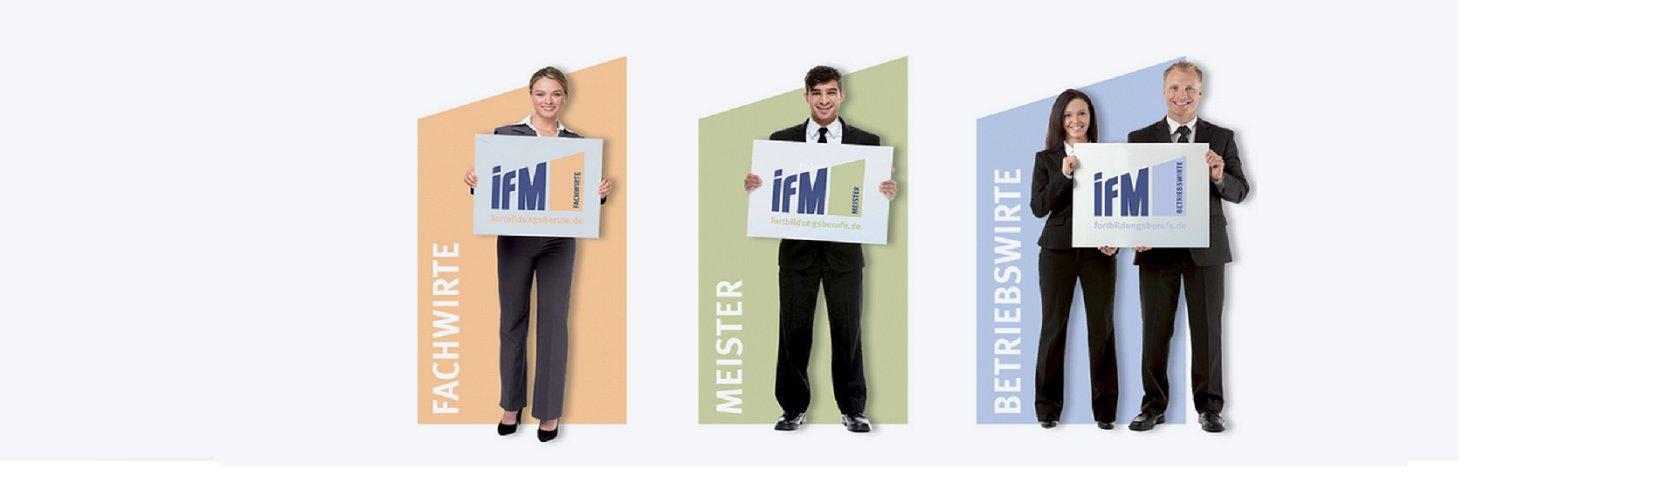 IFM - Institut für Managementlehre gGmbH